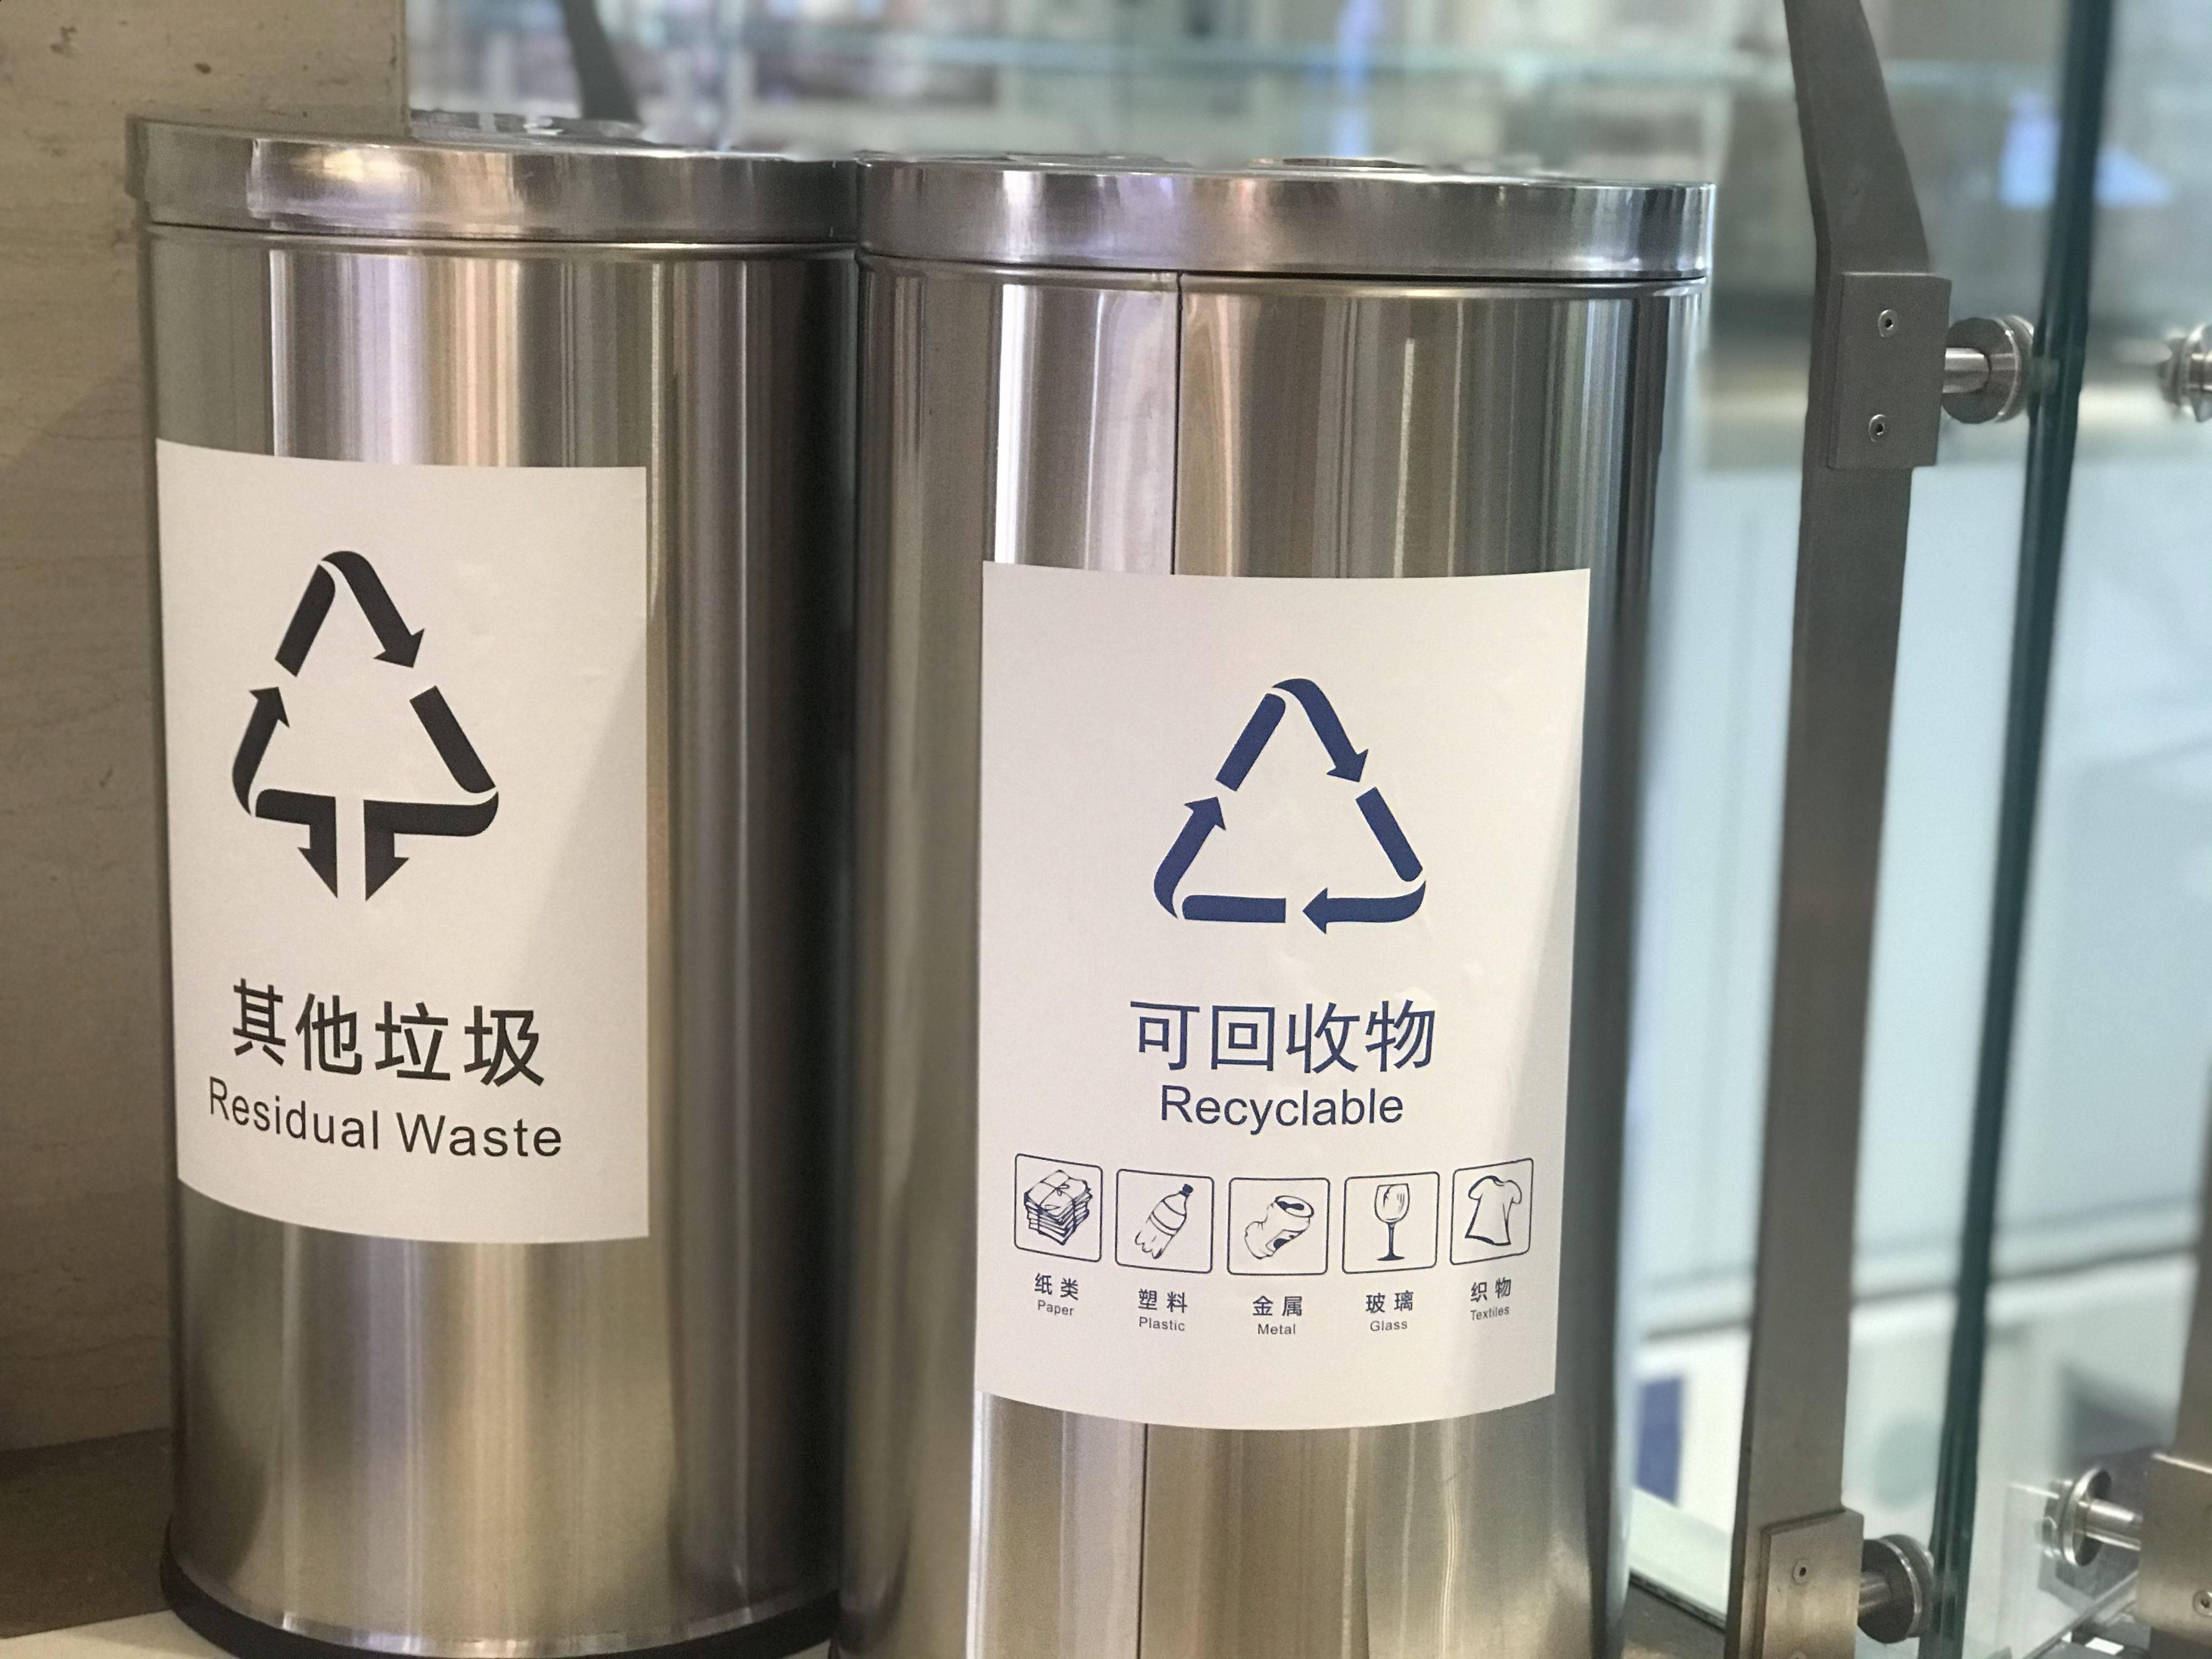 北京商场垃圾分类桶数量配备足,可想扔奶茶有